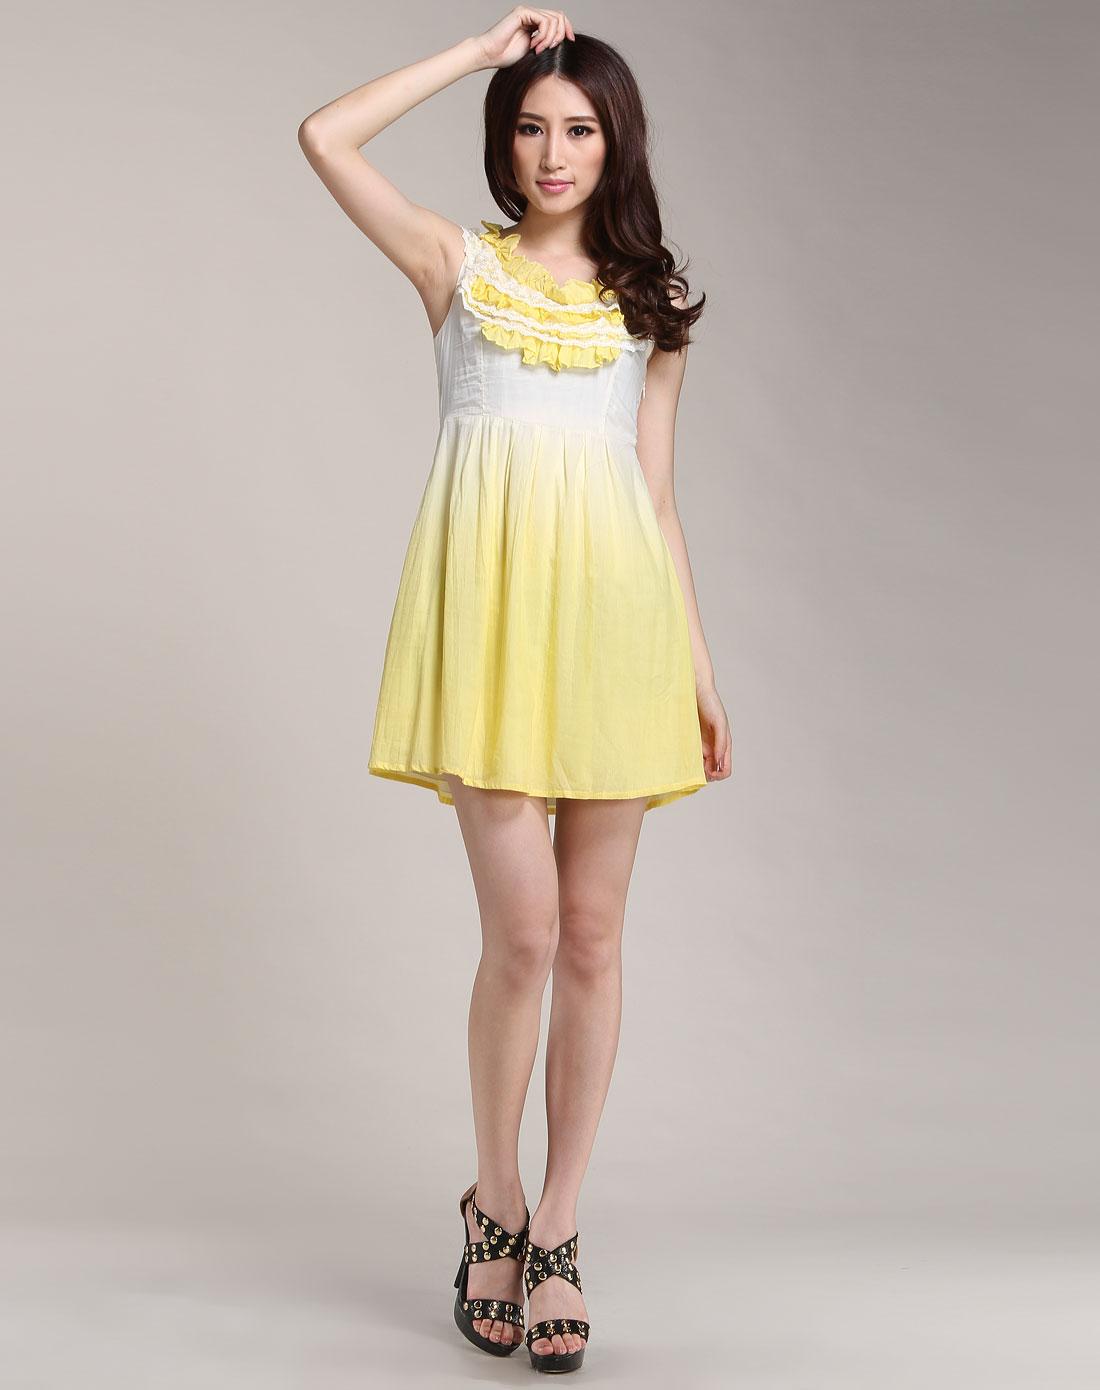 花边时尚无袖连衣裙